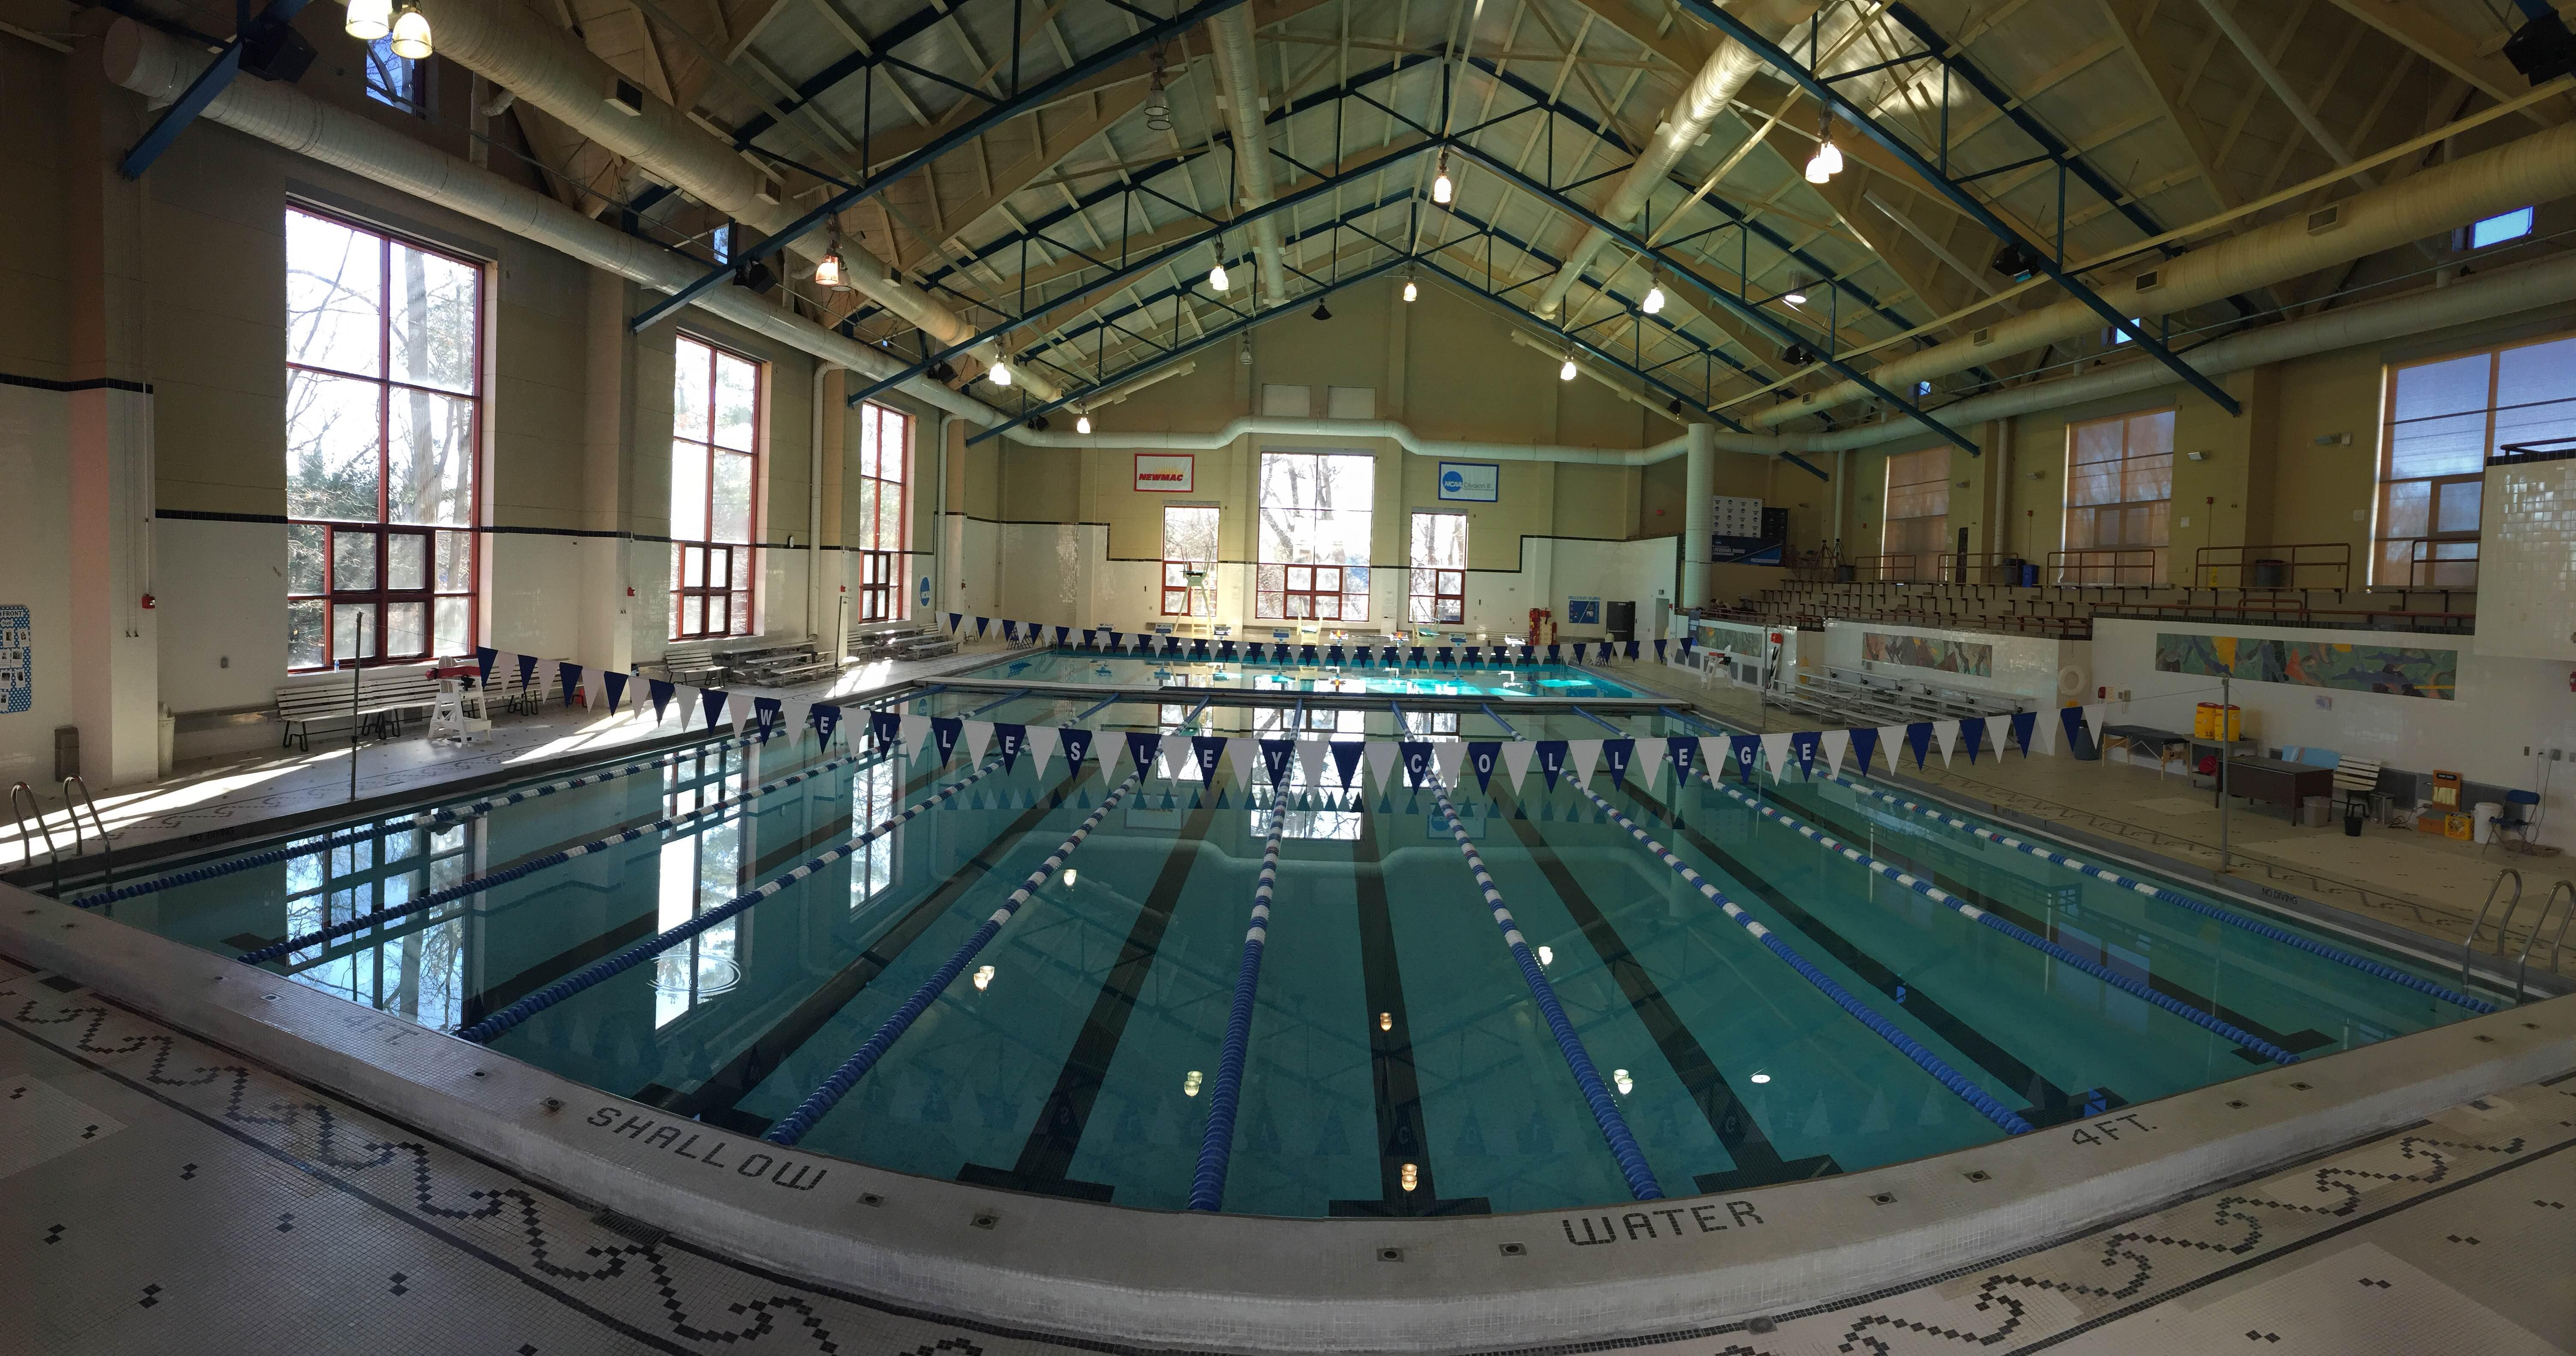 wellesley college facilities